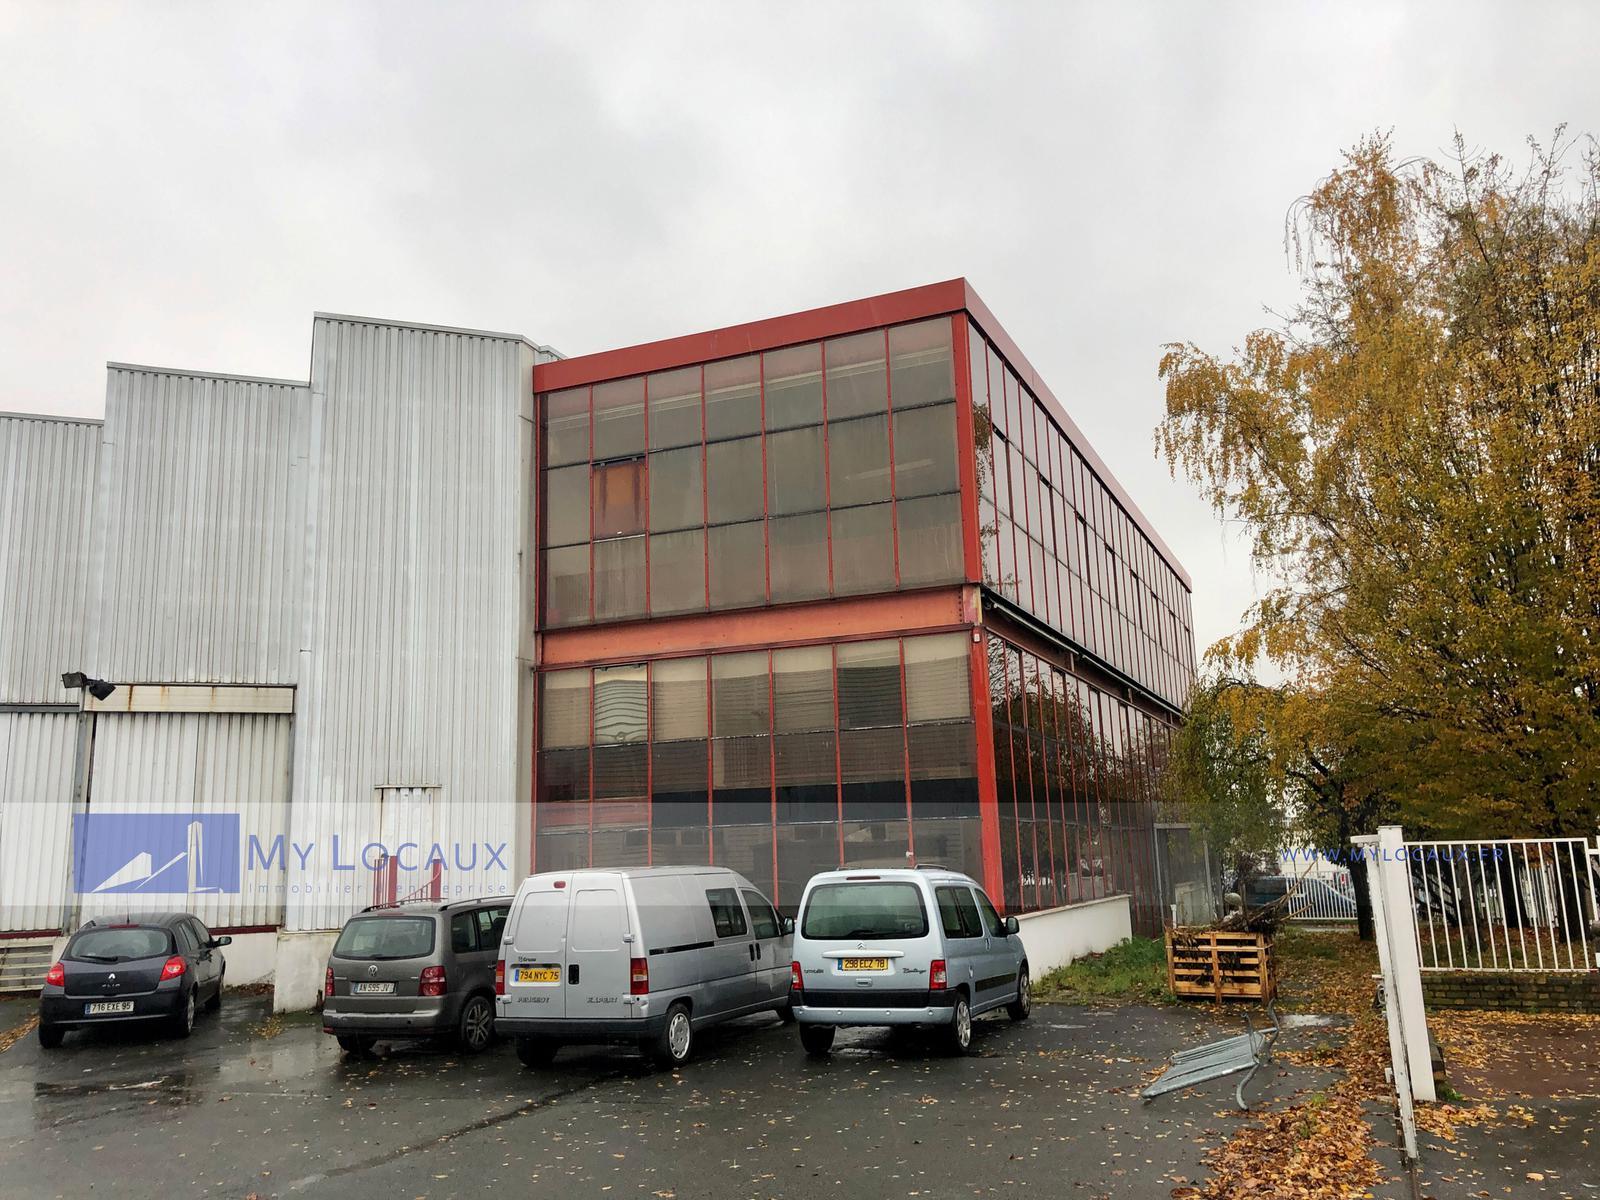 Plateforme Du Batiment Gennevilliers vente entrepôt argenteuil 95100 2 442m² – bureauxlocaux